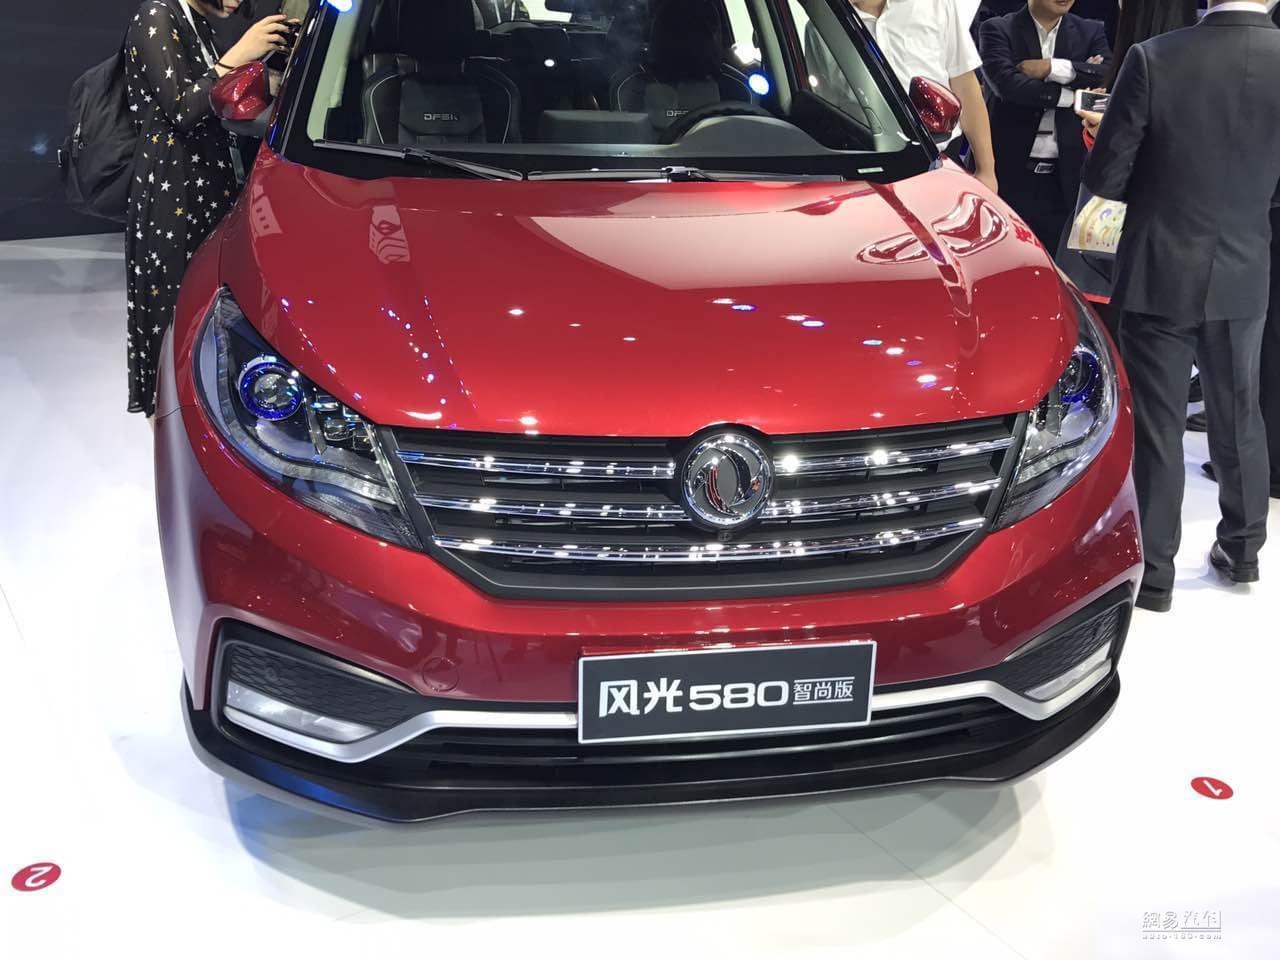 2017上海车展:东风风光580智尚版车型